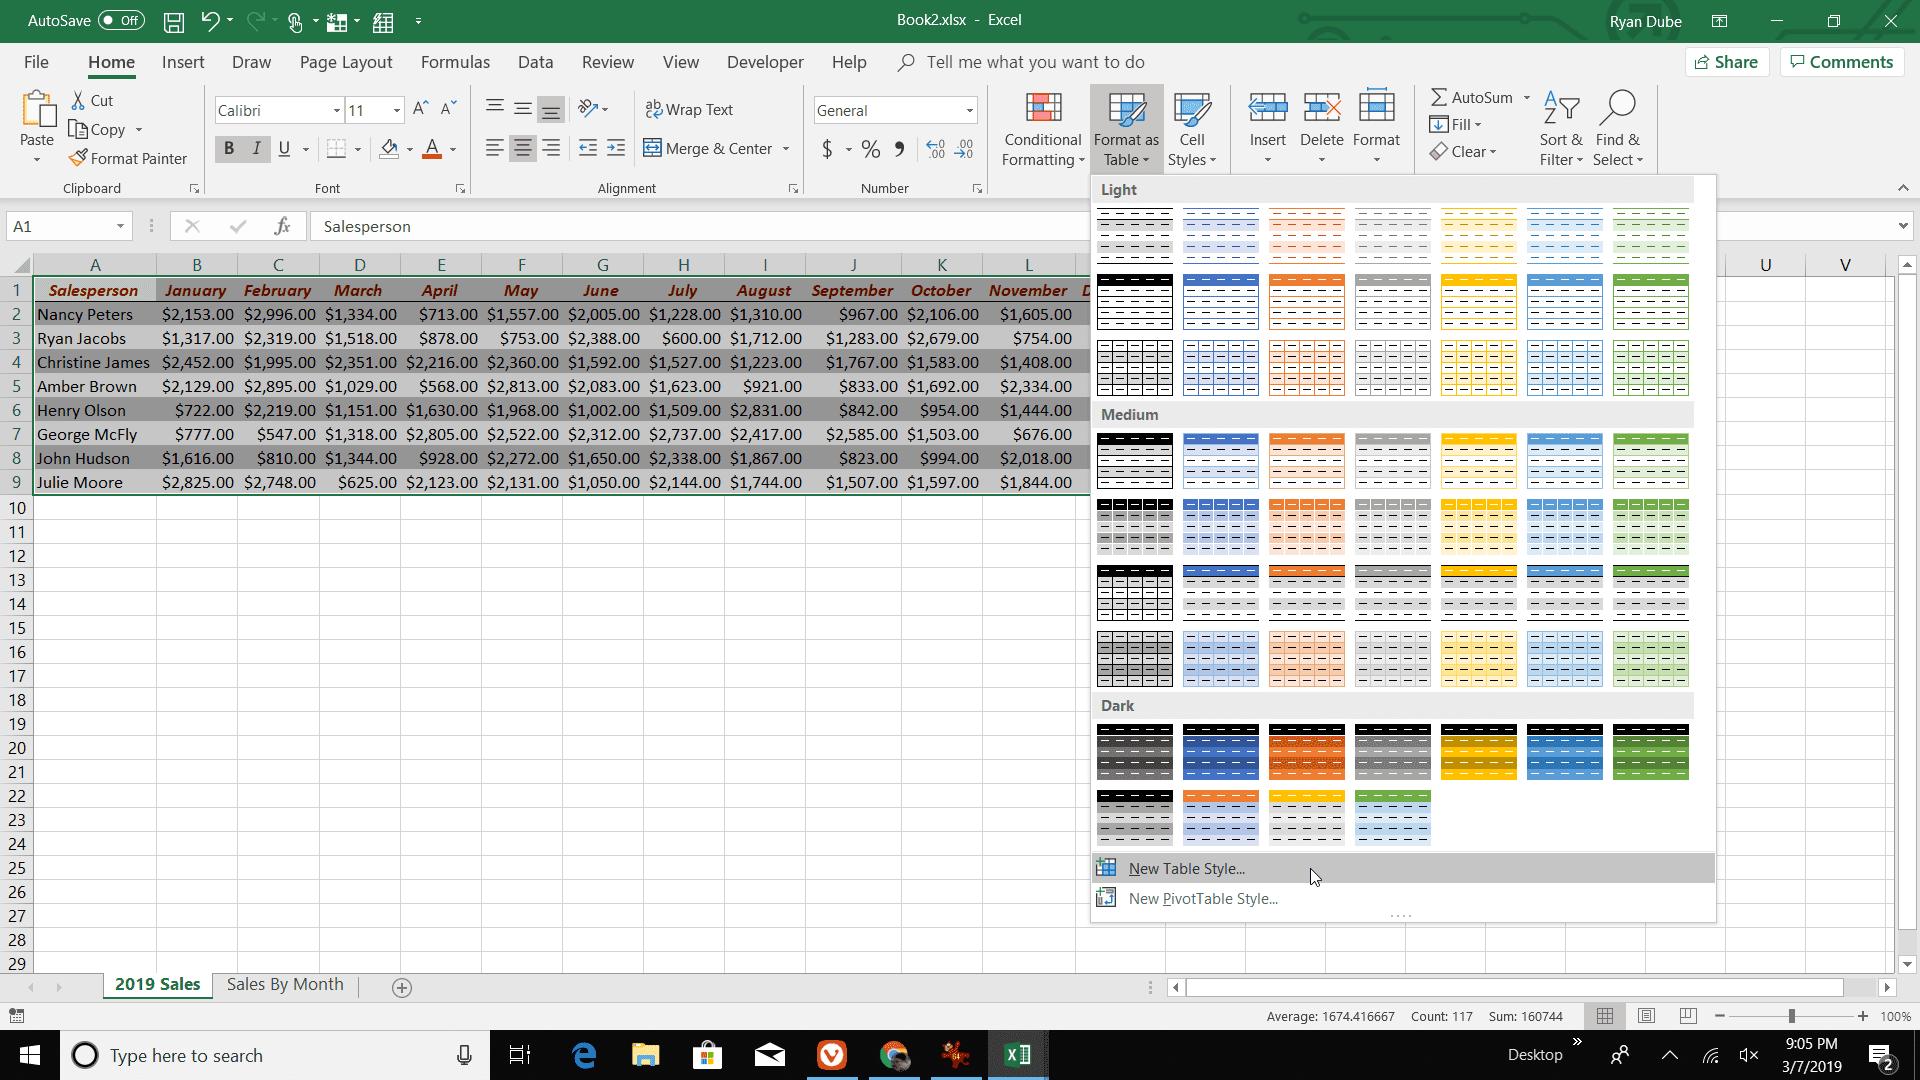 using excel u0026 39 s autoformat feature